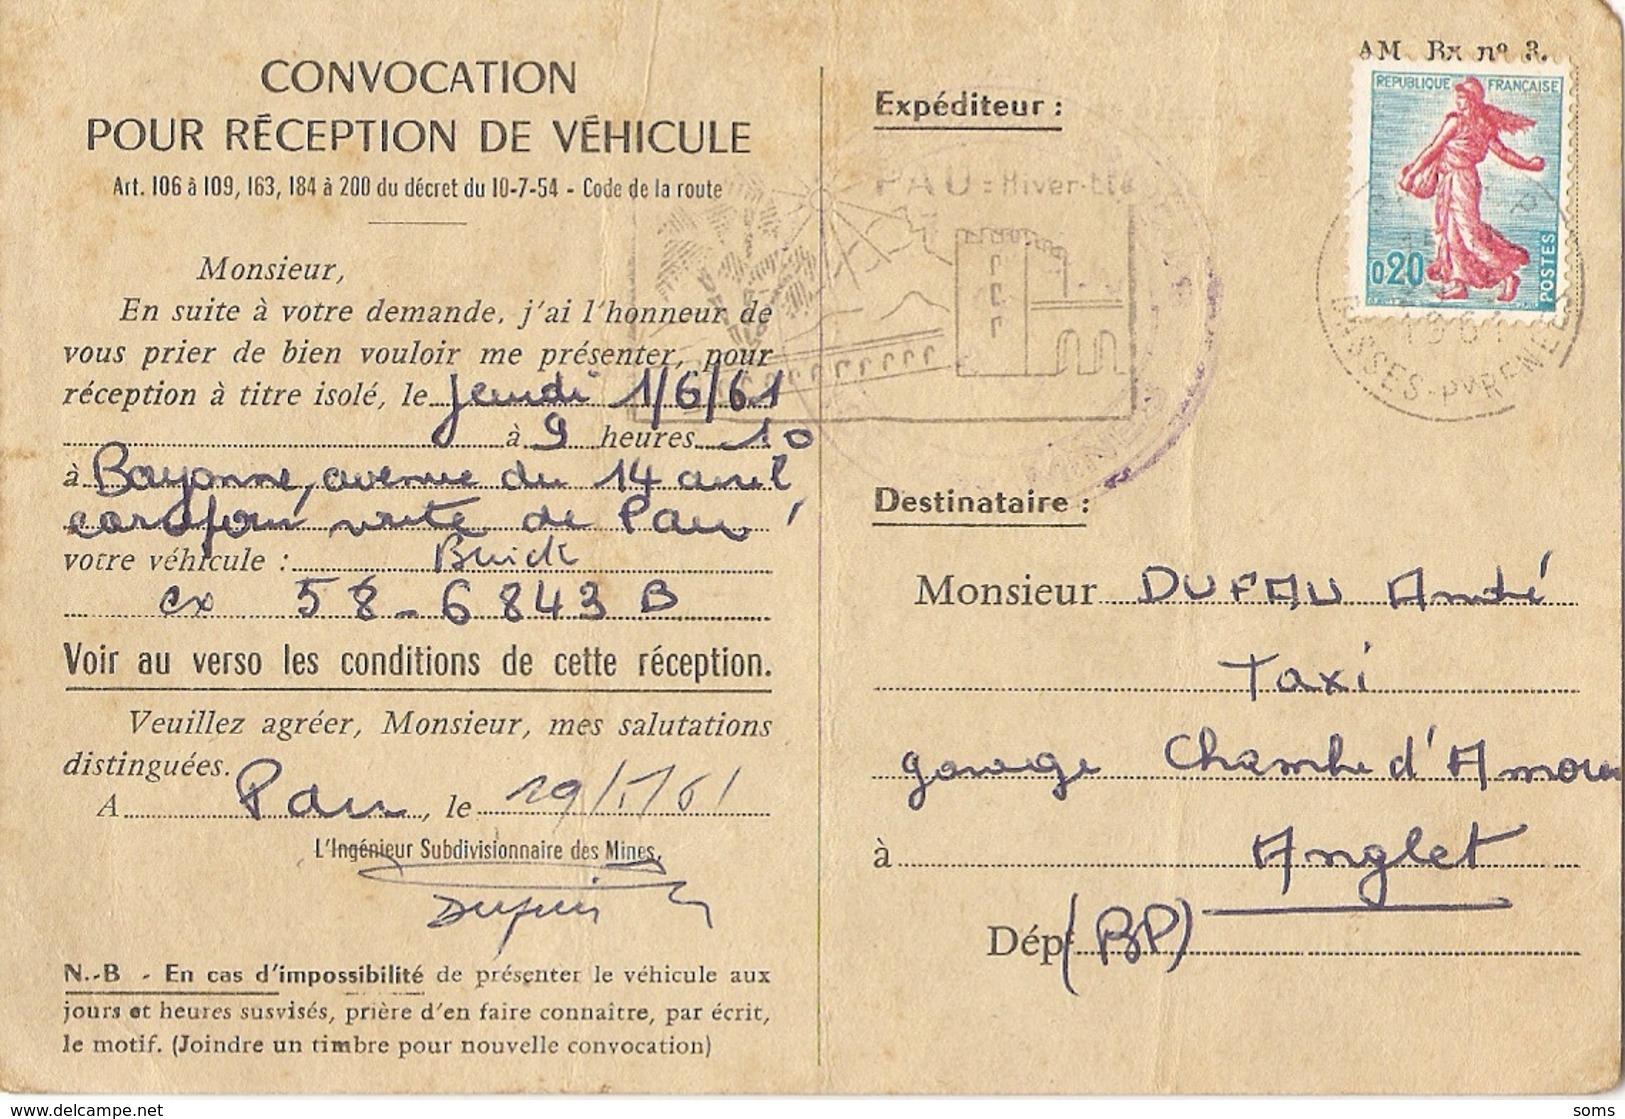 Carte Postale Professionnelle, Convocation Pour Réception D'une Buick, 1961, Bayonne, Futur Taxi De Pau - Voitures De Tourisme